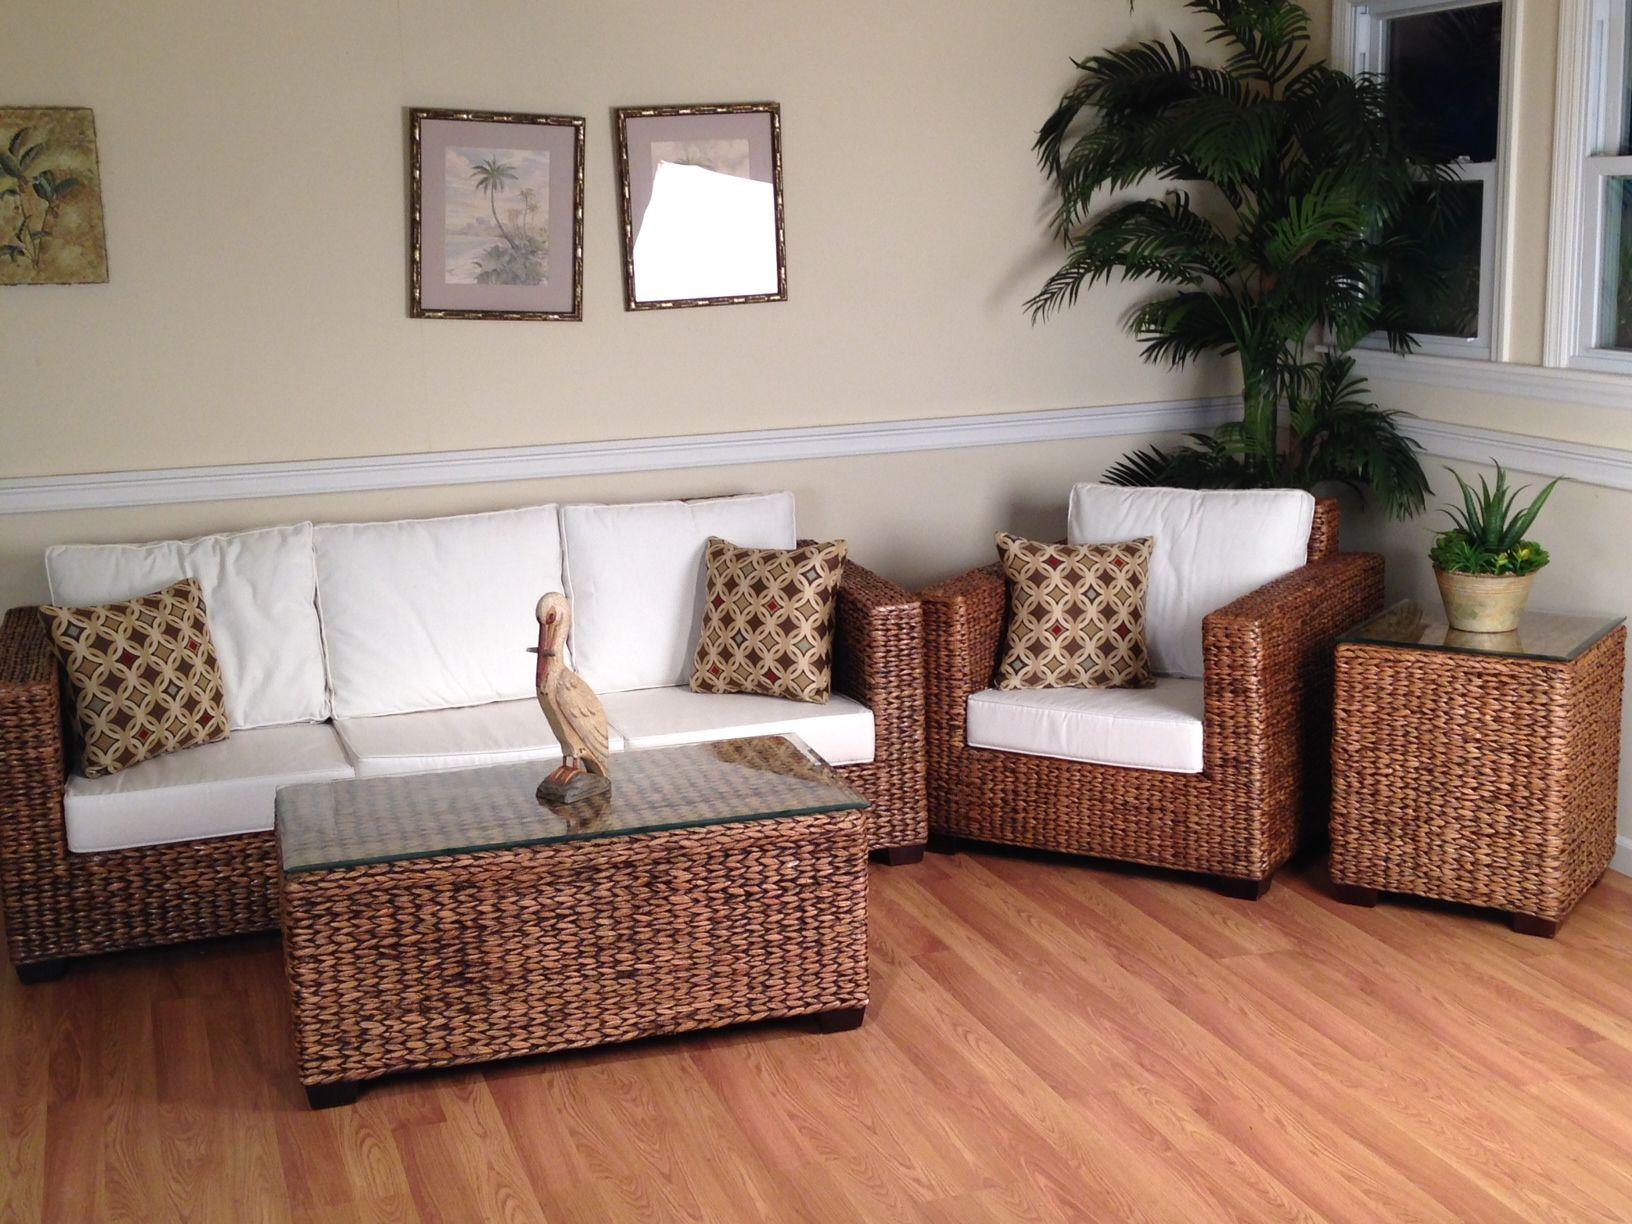 Make An Elegant Sun Room With Decent Furniture Design